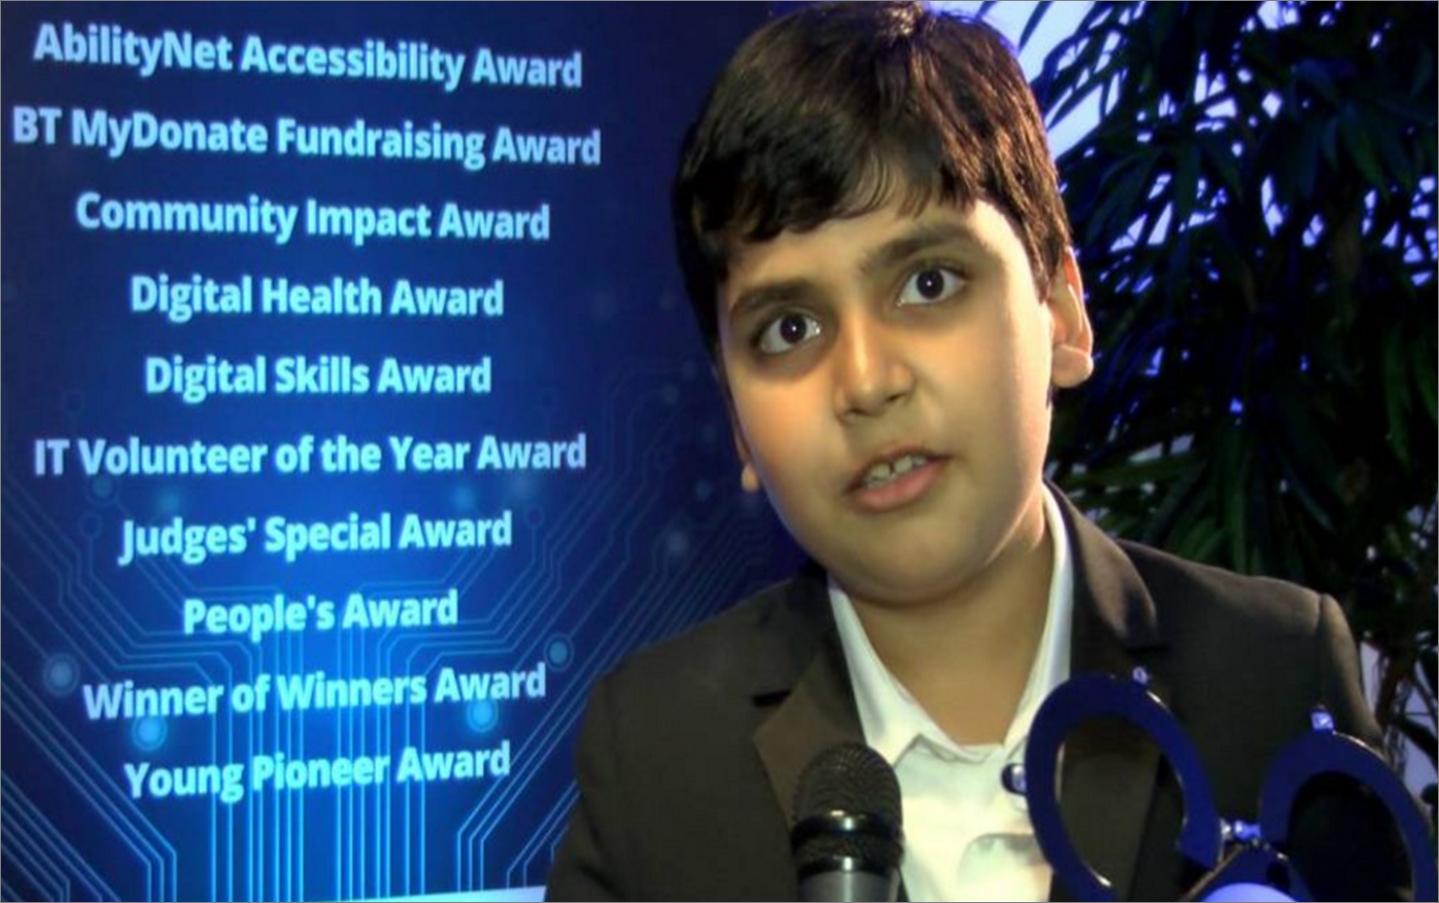 Niño Con Más Coeficiente Intelectual Que Einstein Quiere Curar El Asma Einstein Coeficiente Intelectual Curar